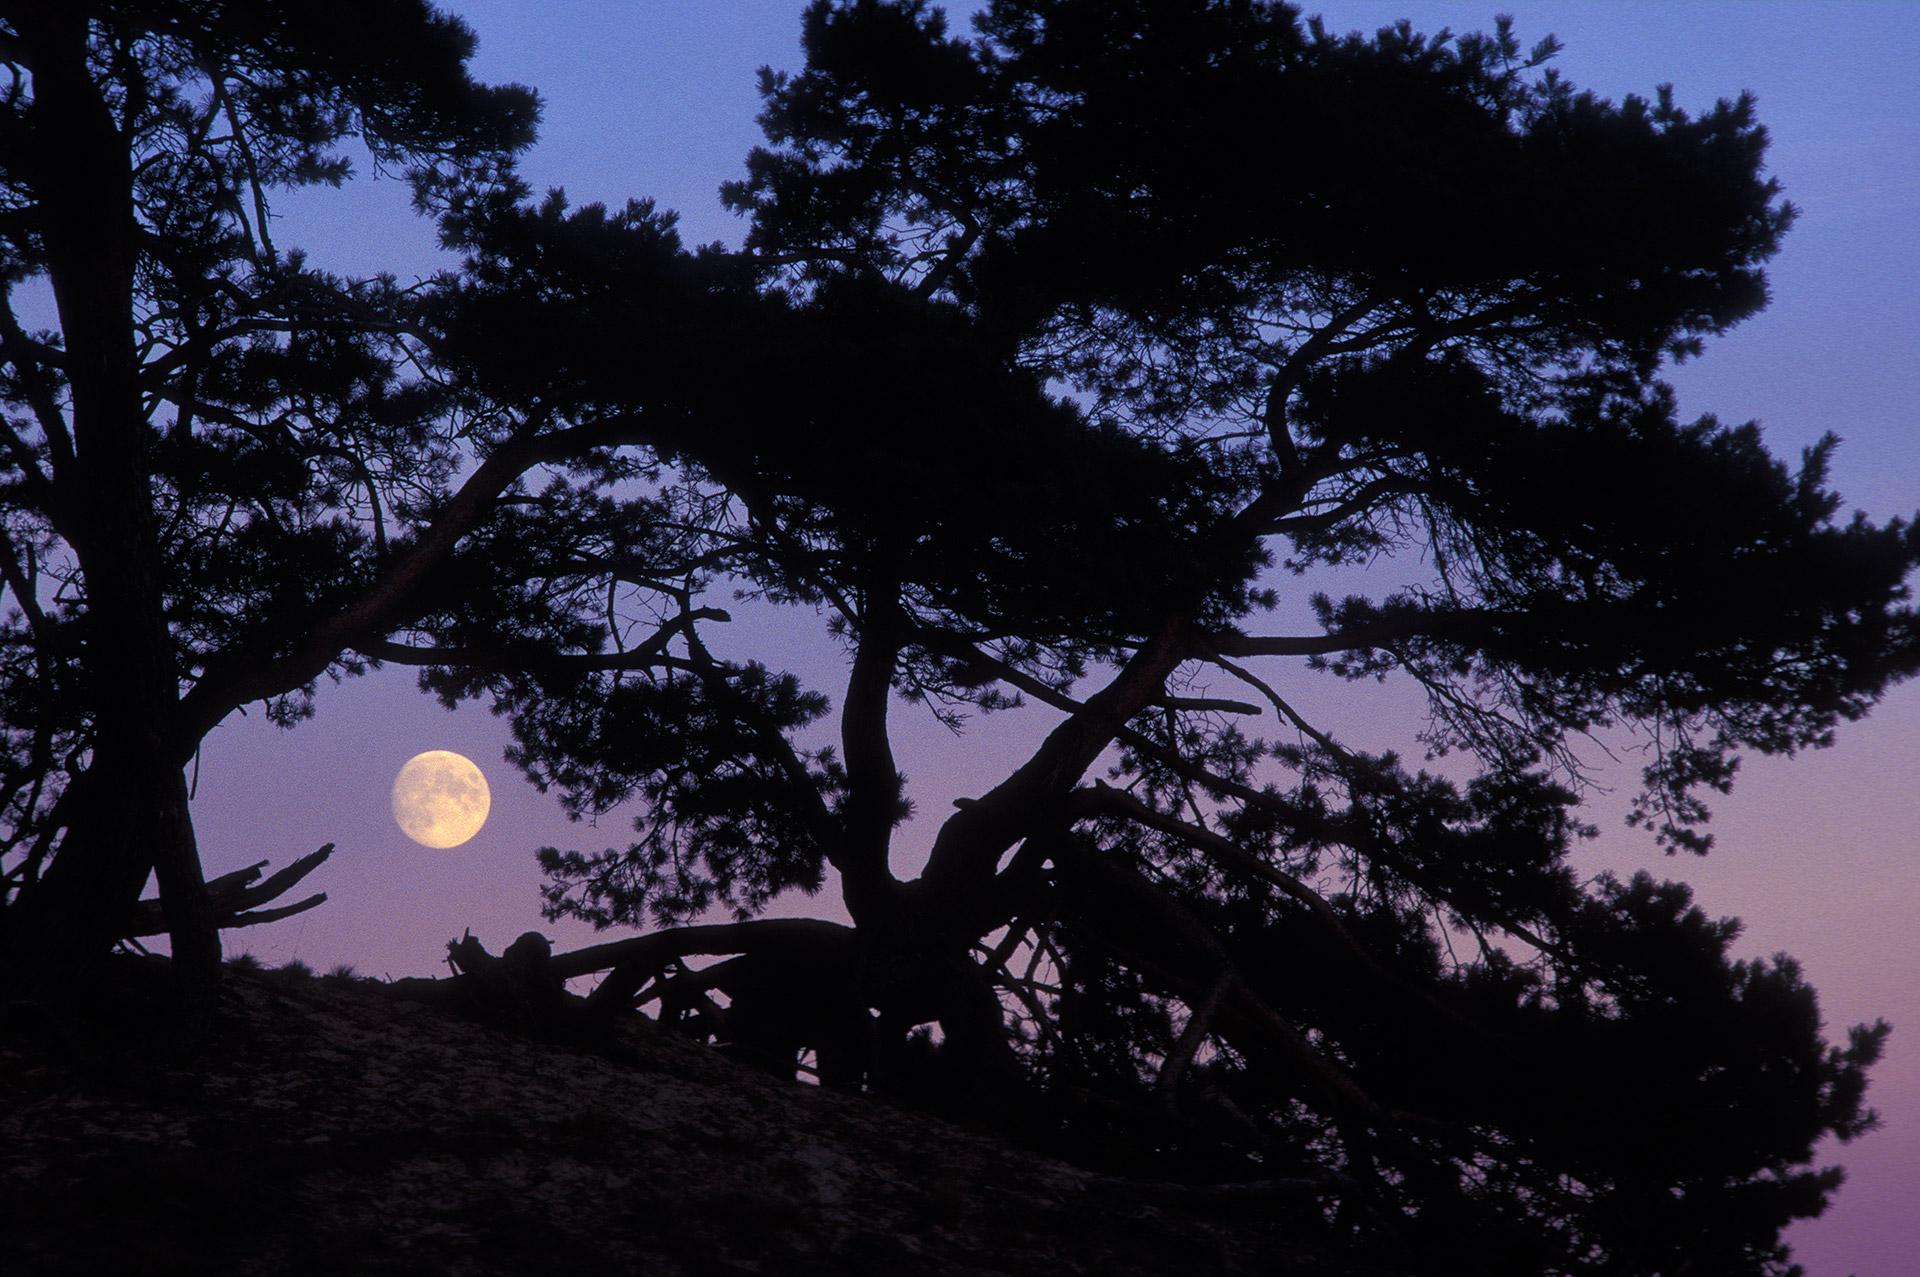 De maan laat zich zien door een grote vliegden, na zonsondergang.